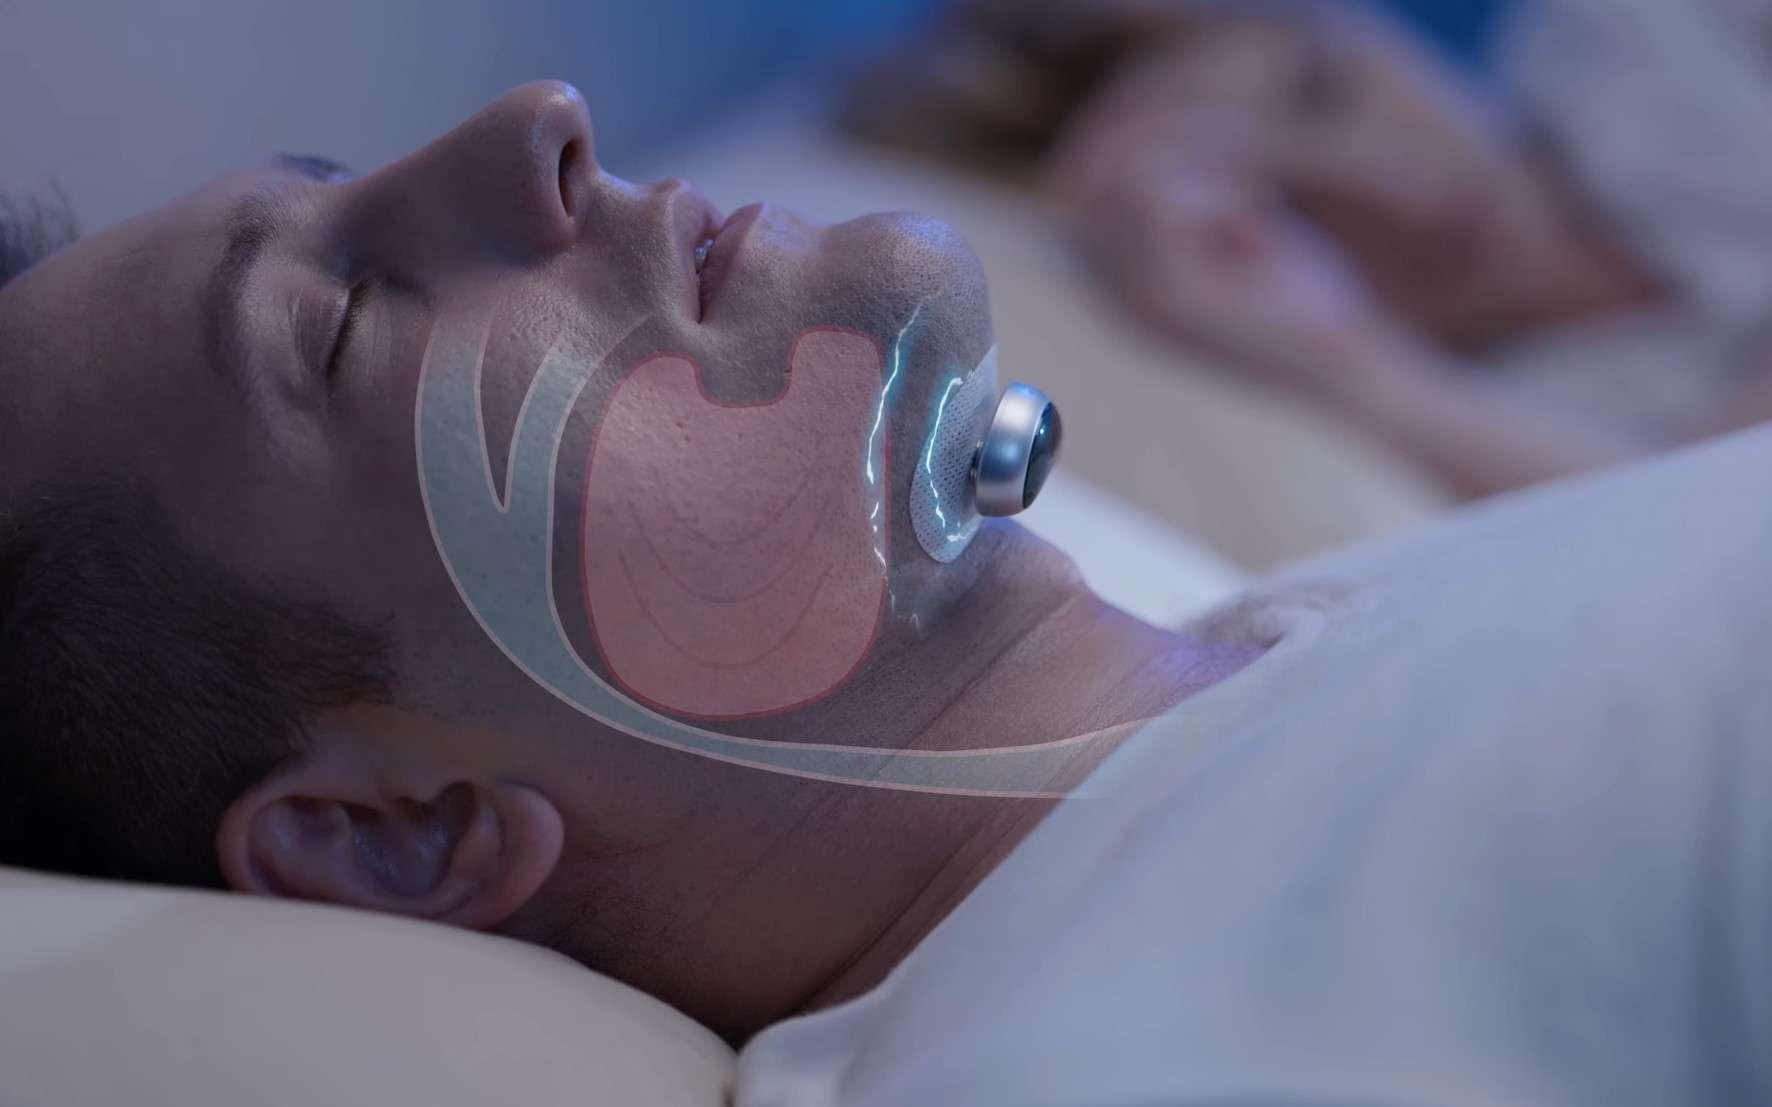 Le Snore Circle envoie des impulsions électriques pour empêcher le ronflement. © Snore Circle